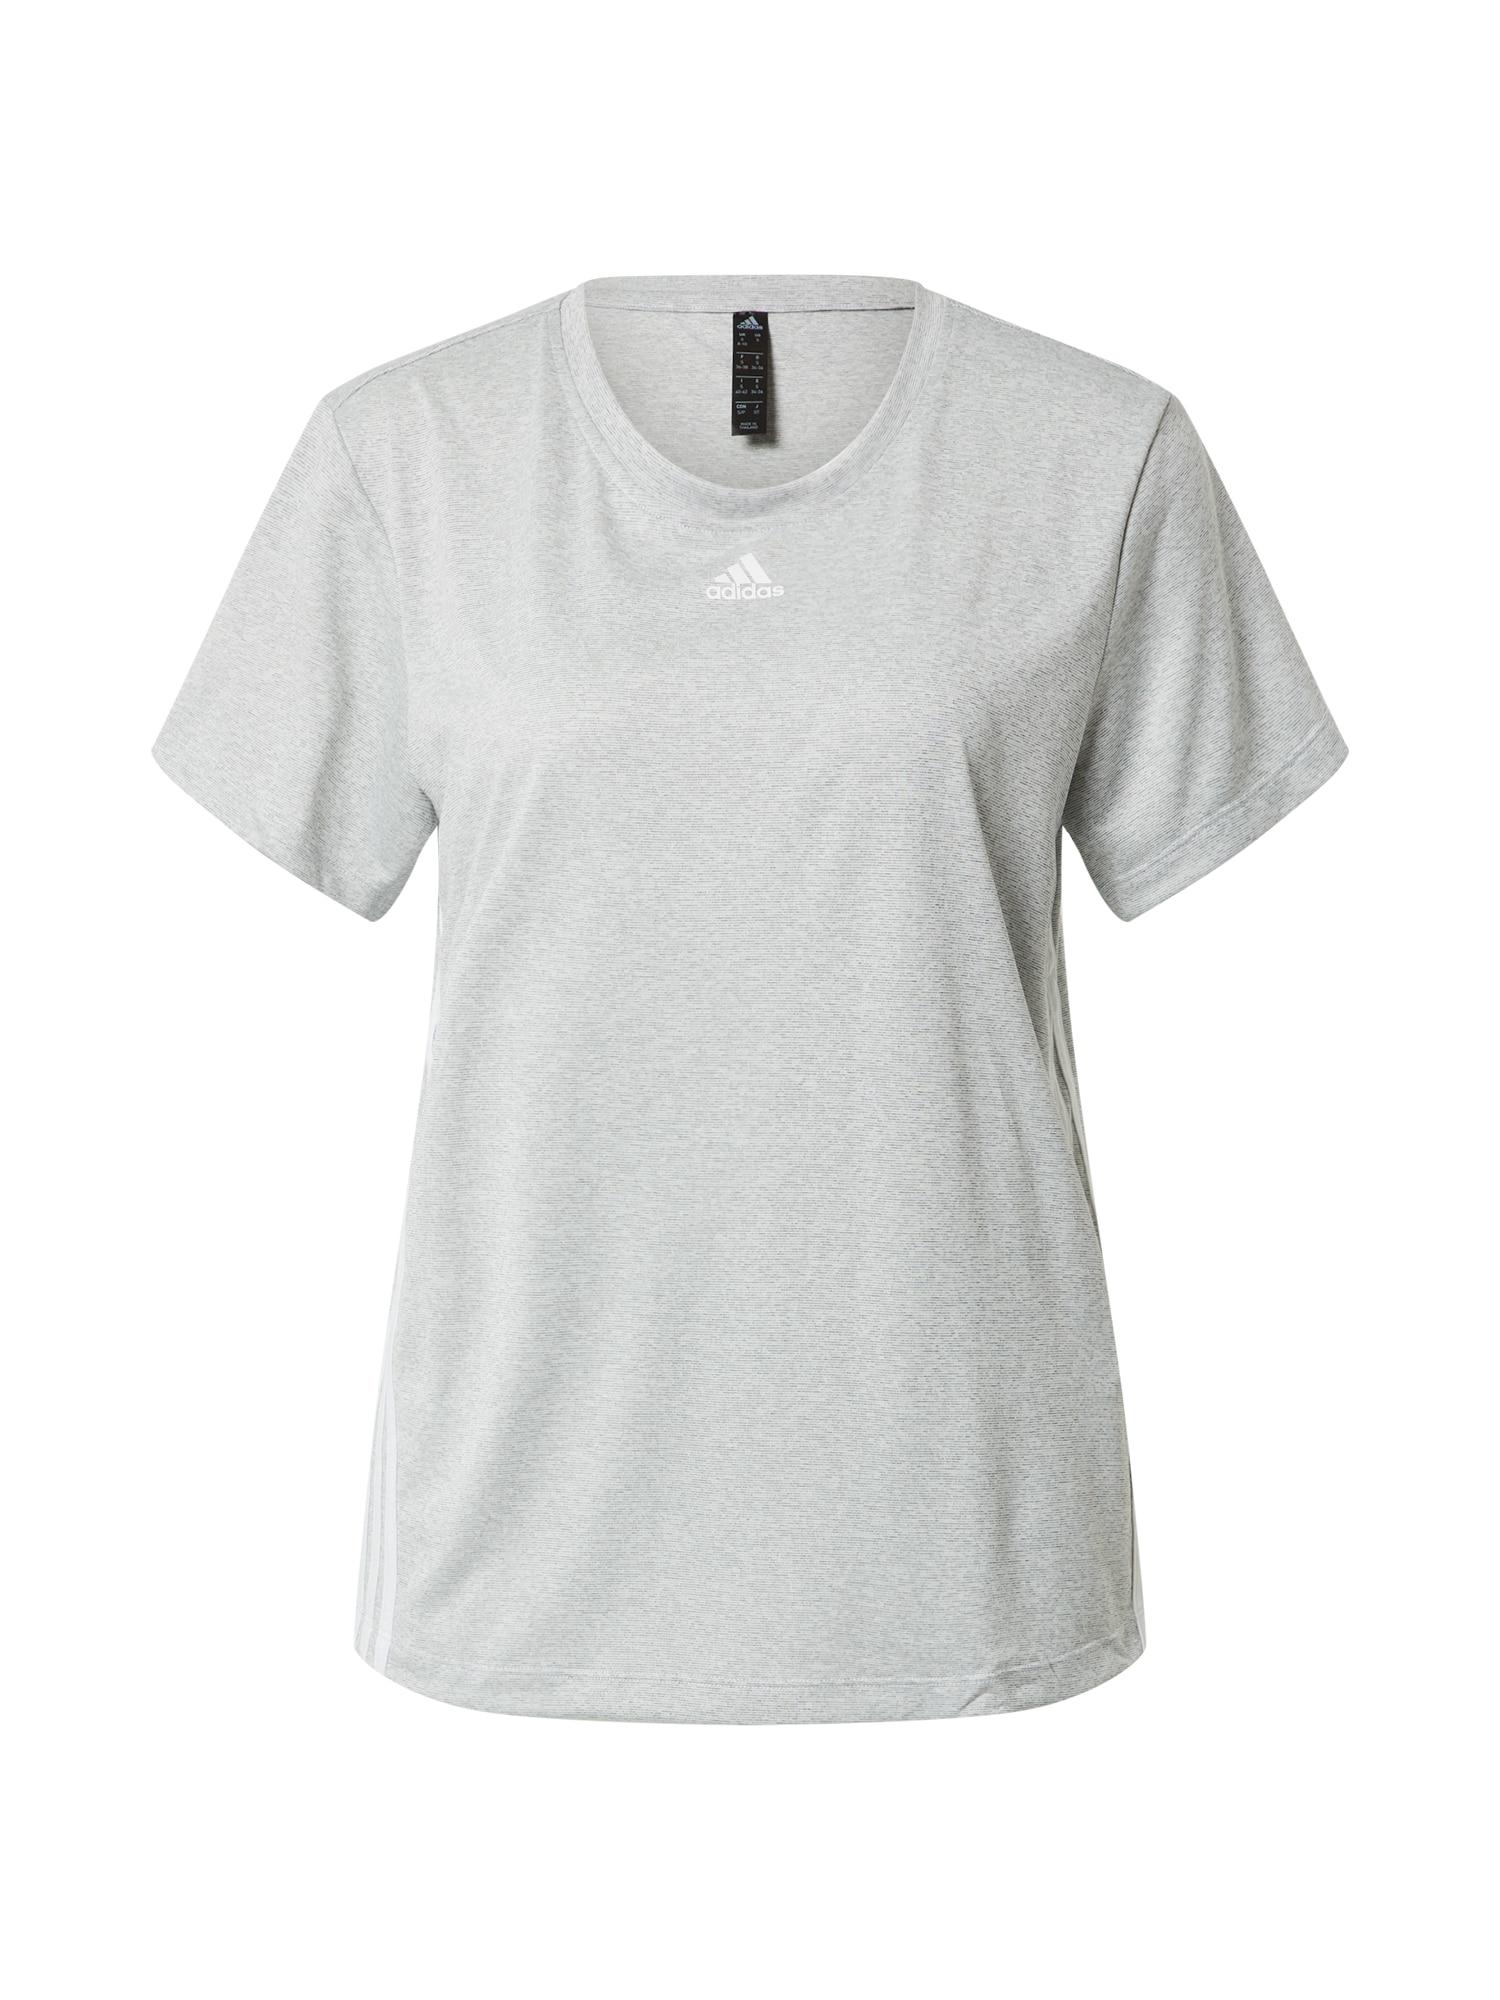 ADIDAS PERFORMANCE Sportiniai marškinėliai balta / margai pilka